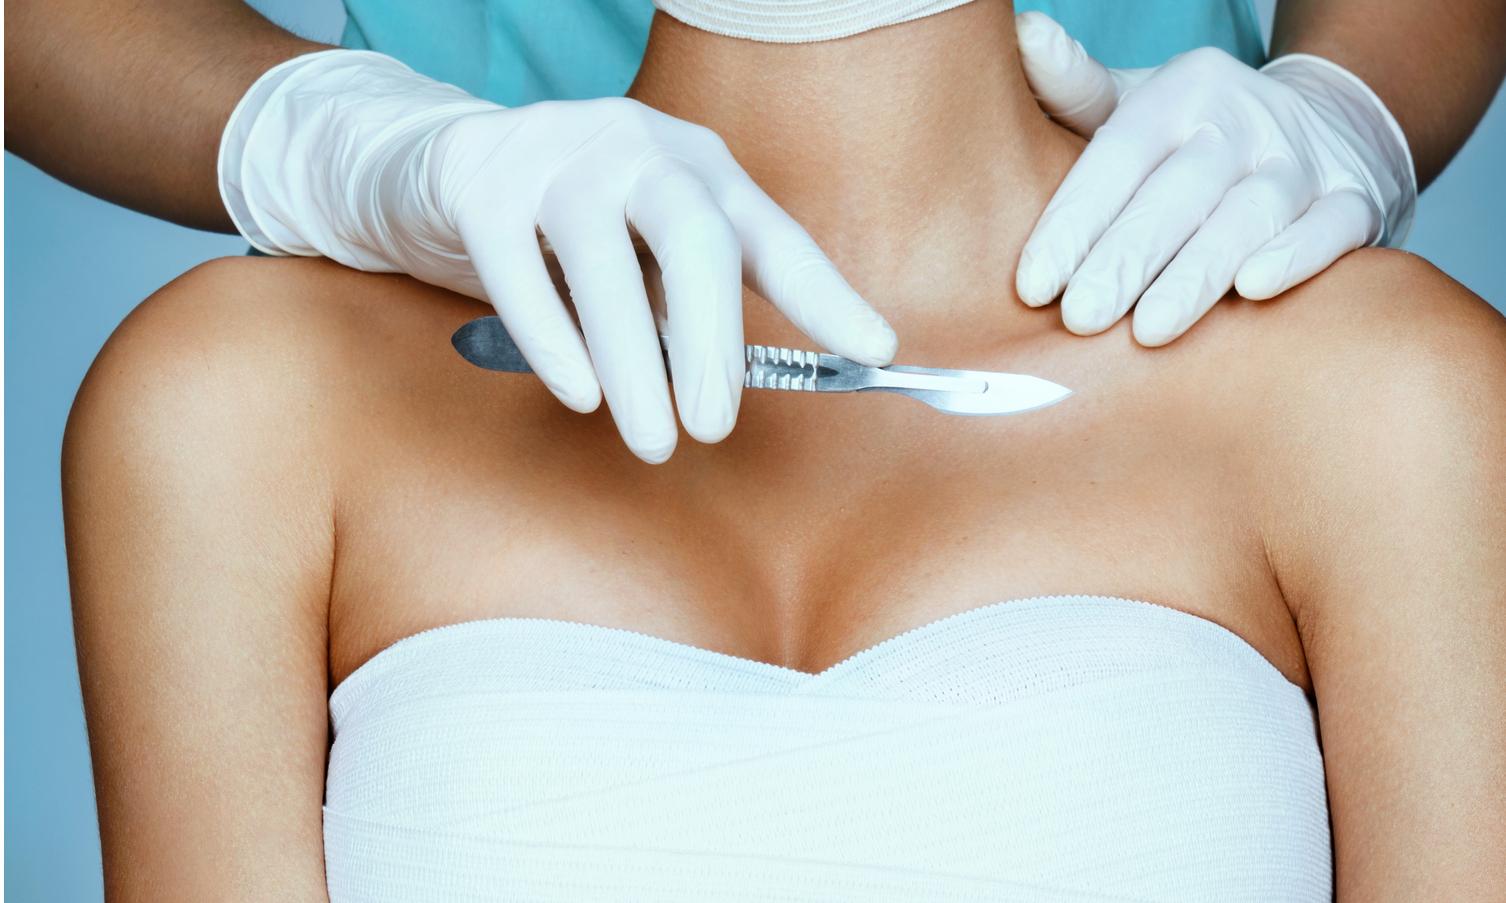 Новый тренд: уменьшение груди ради здоровья спины